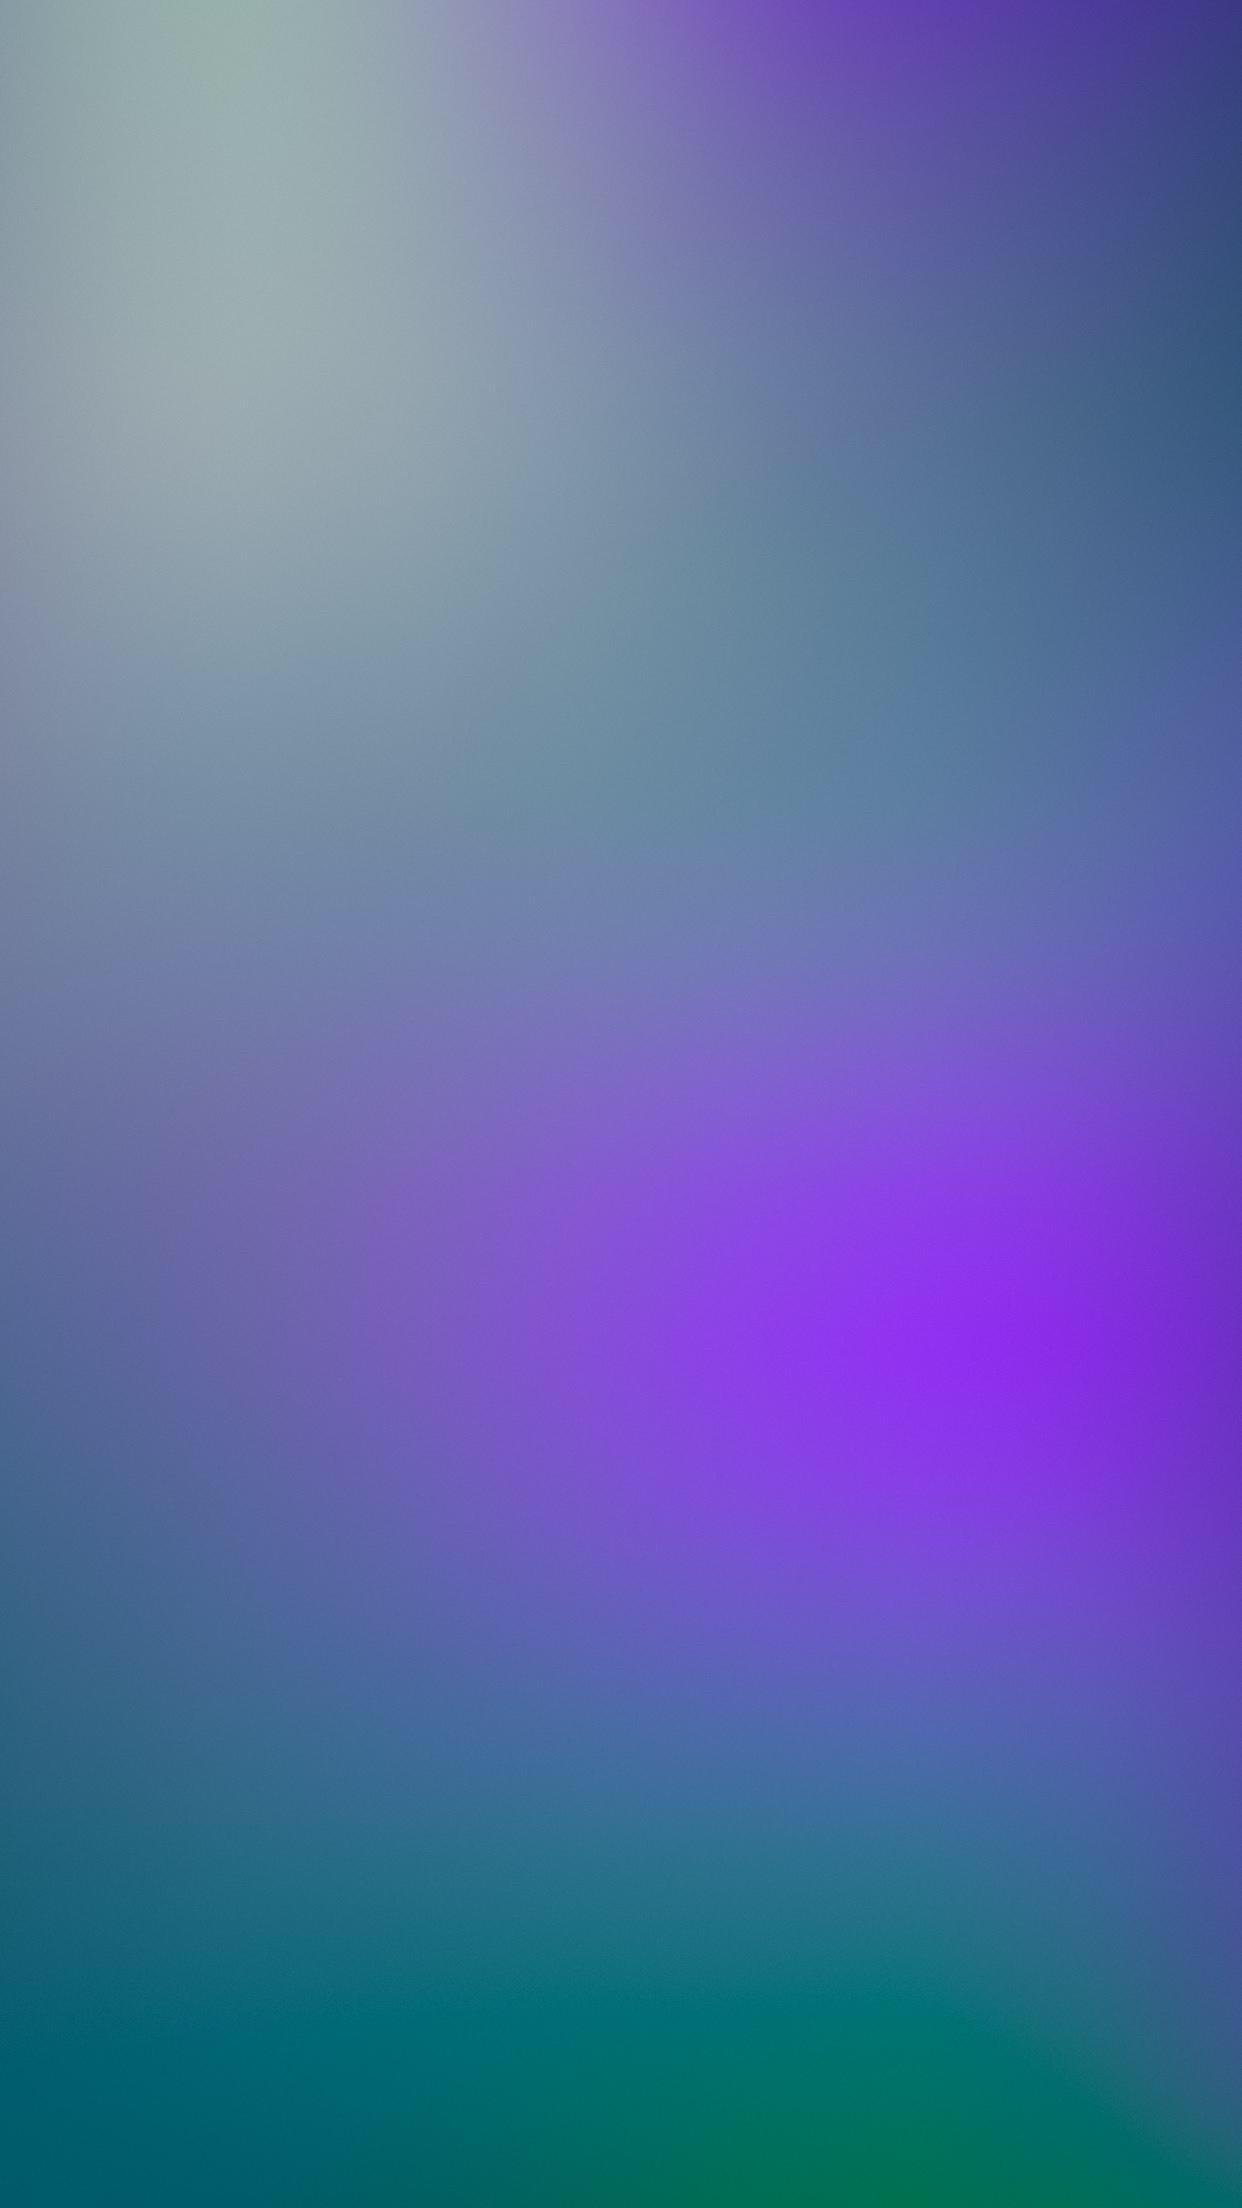 Fond D Ecran Flou Colore Verticale Affichage Du Portrait 1242x2208 Baconadmin 1182476 Fond D Ecran Wallhere